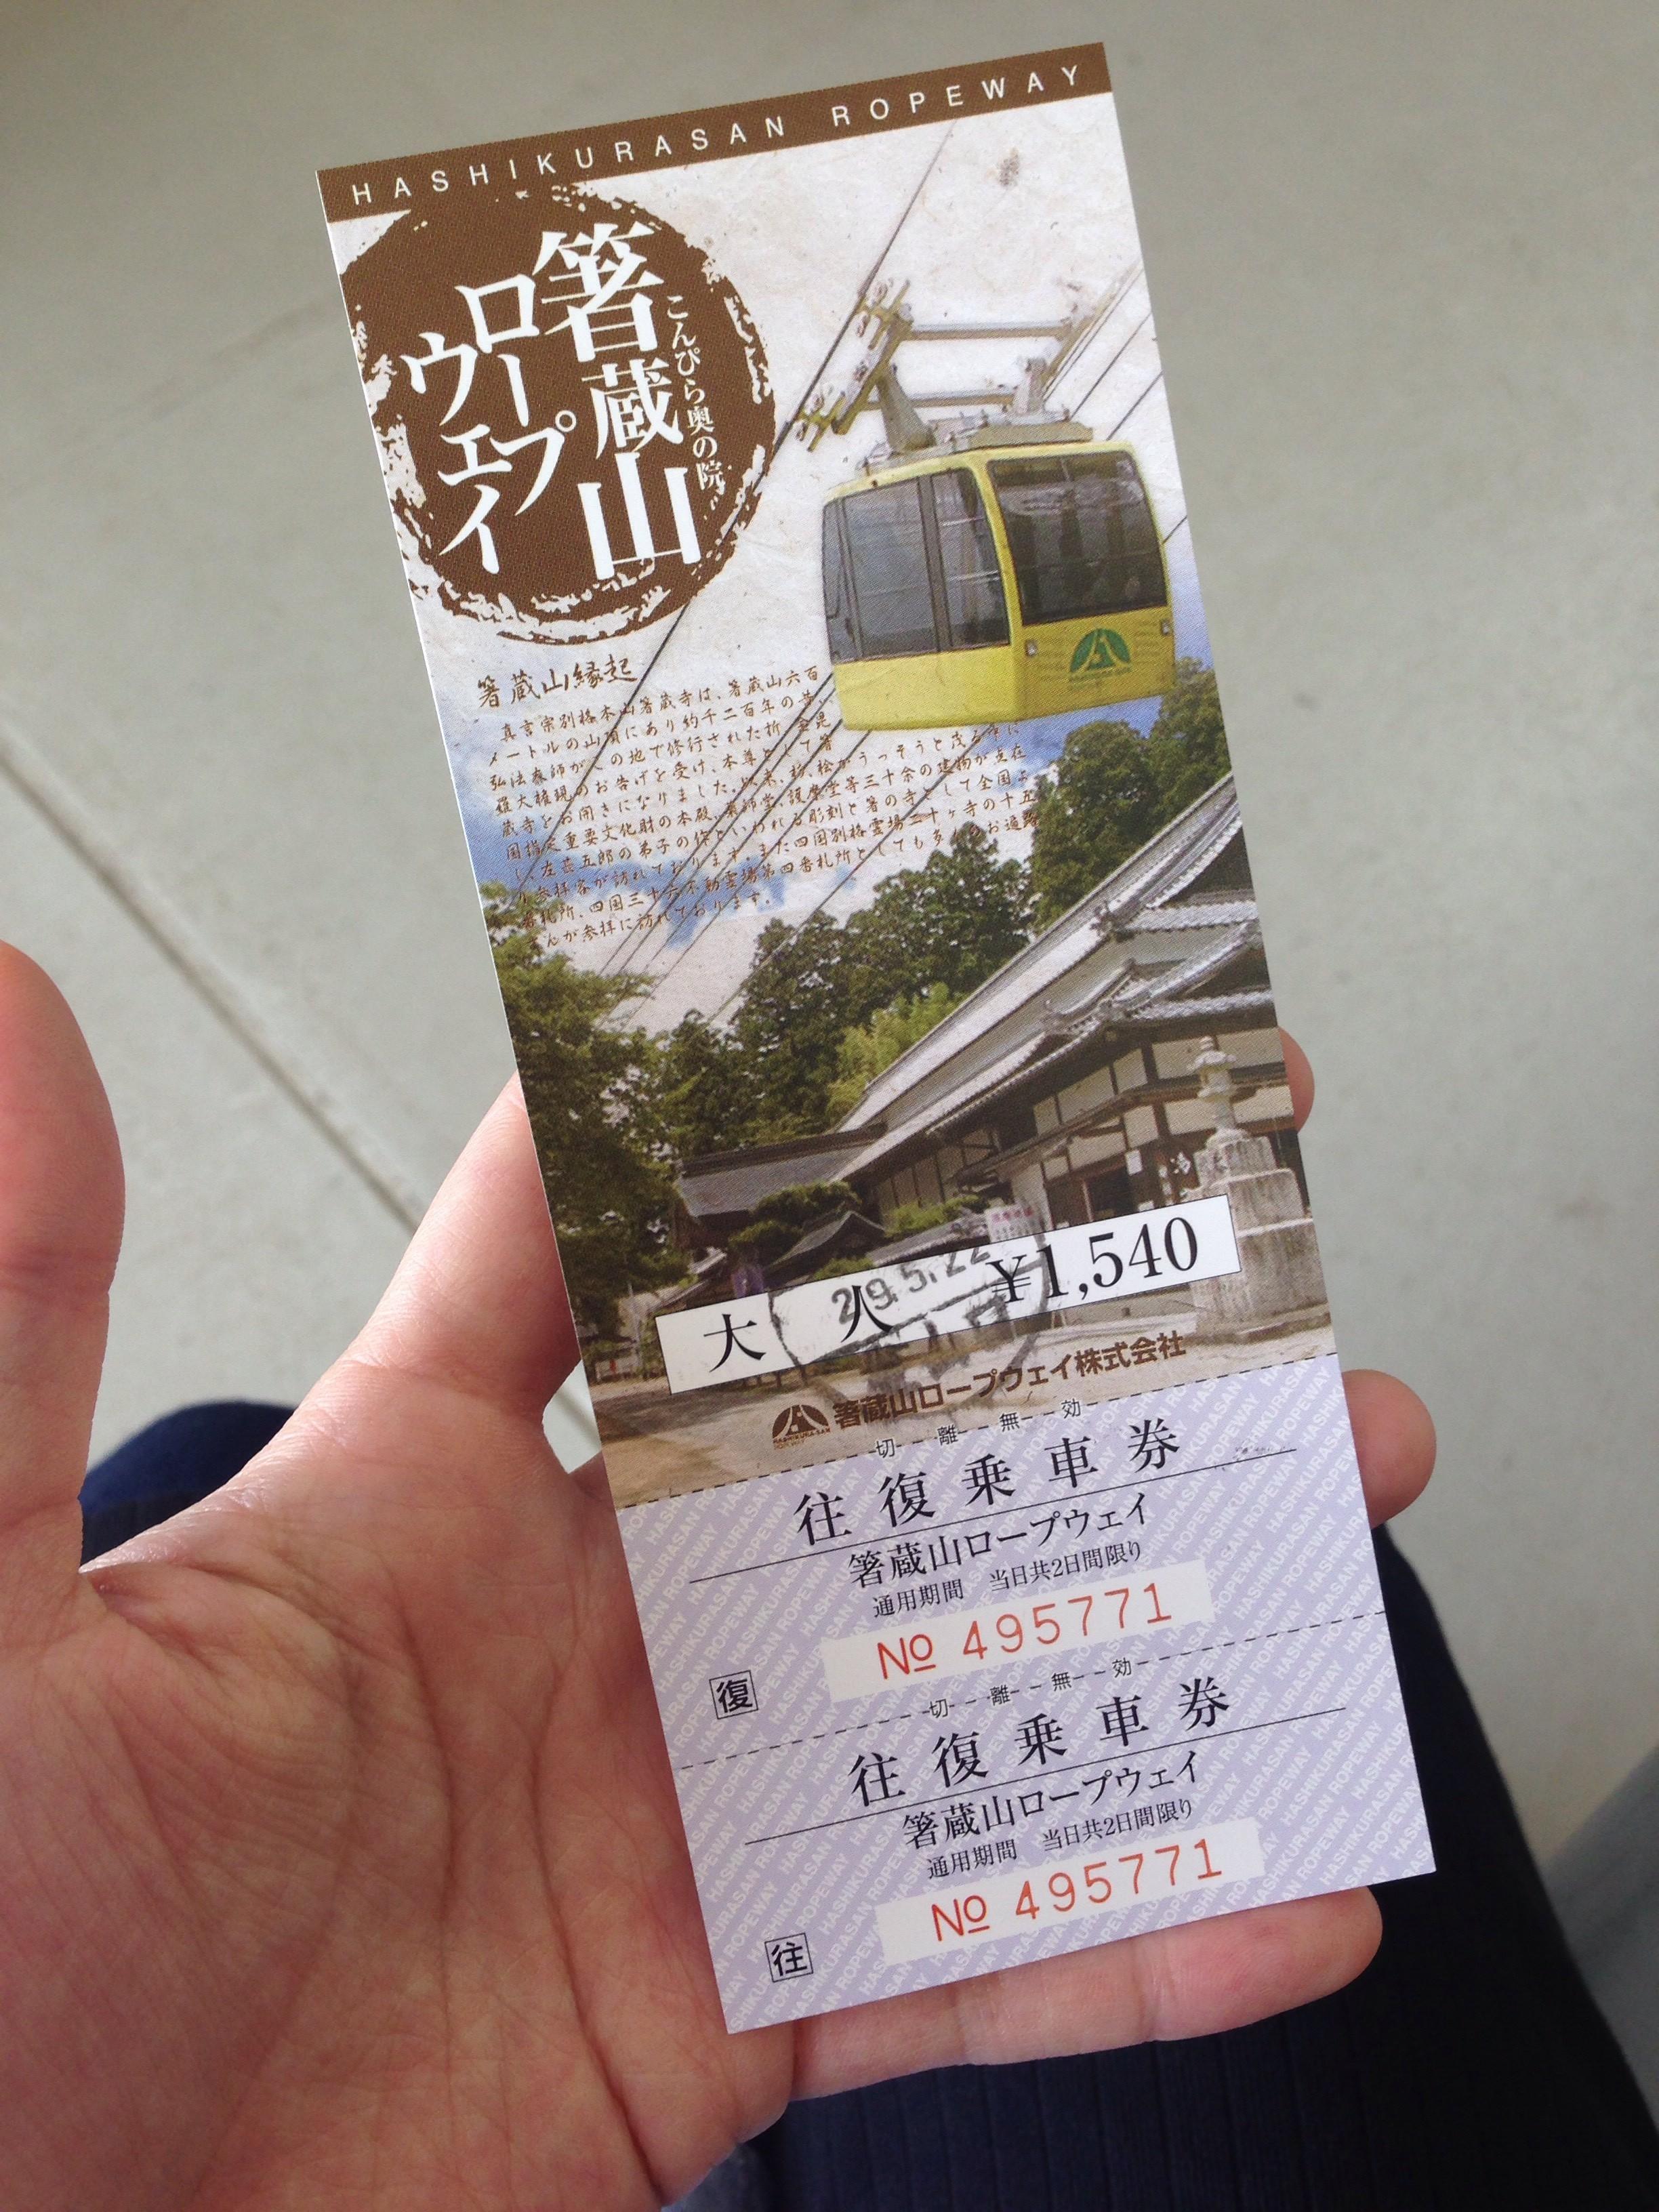 ロープウェイで絶景を見ながら由緒正しき池田町「箸蔵寺」に参拝してきました